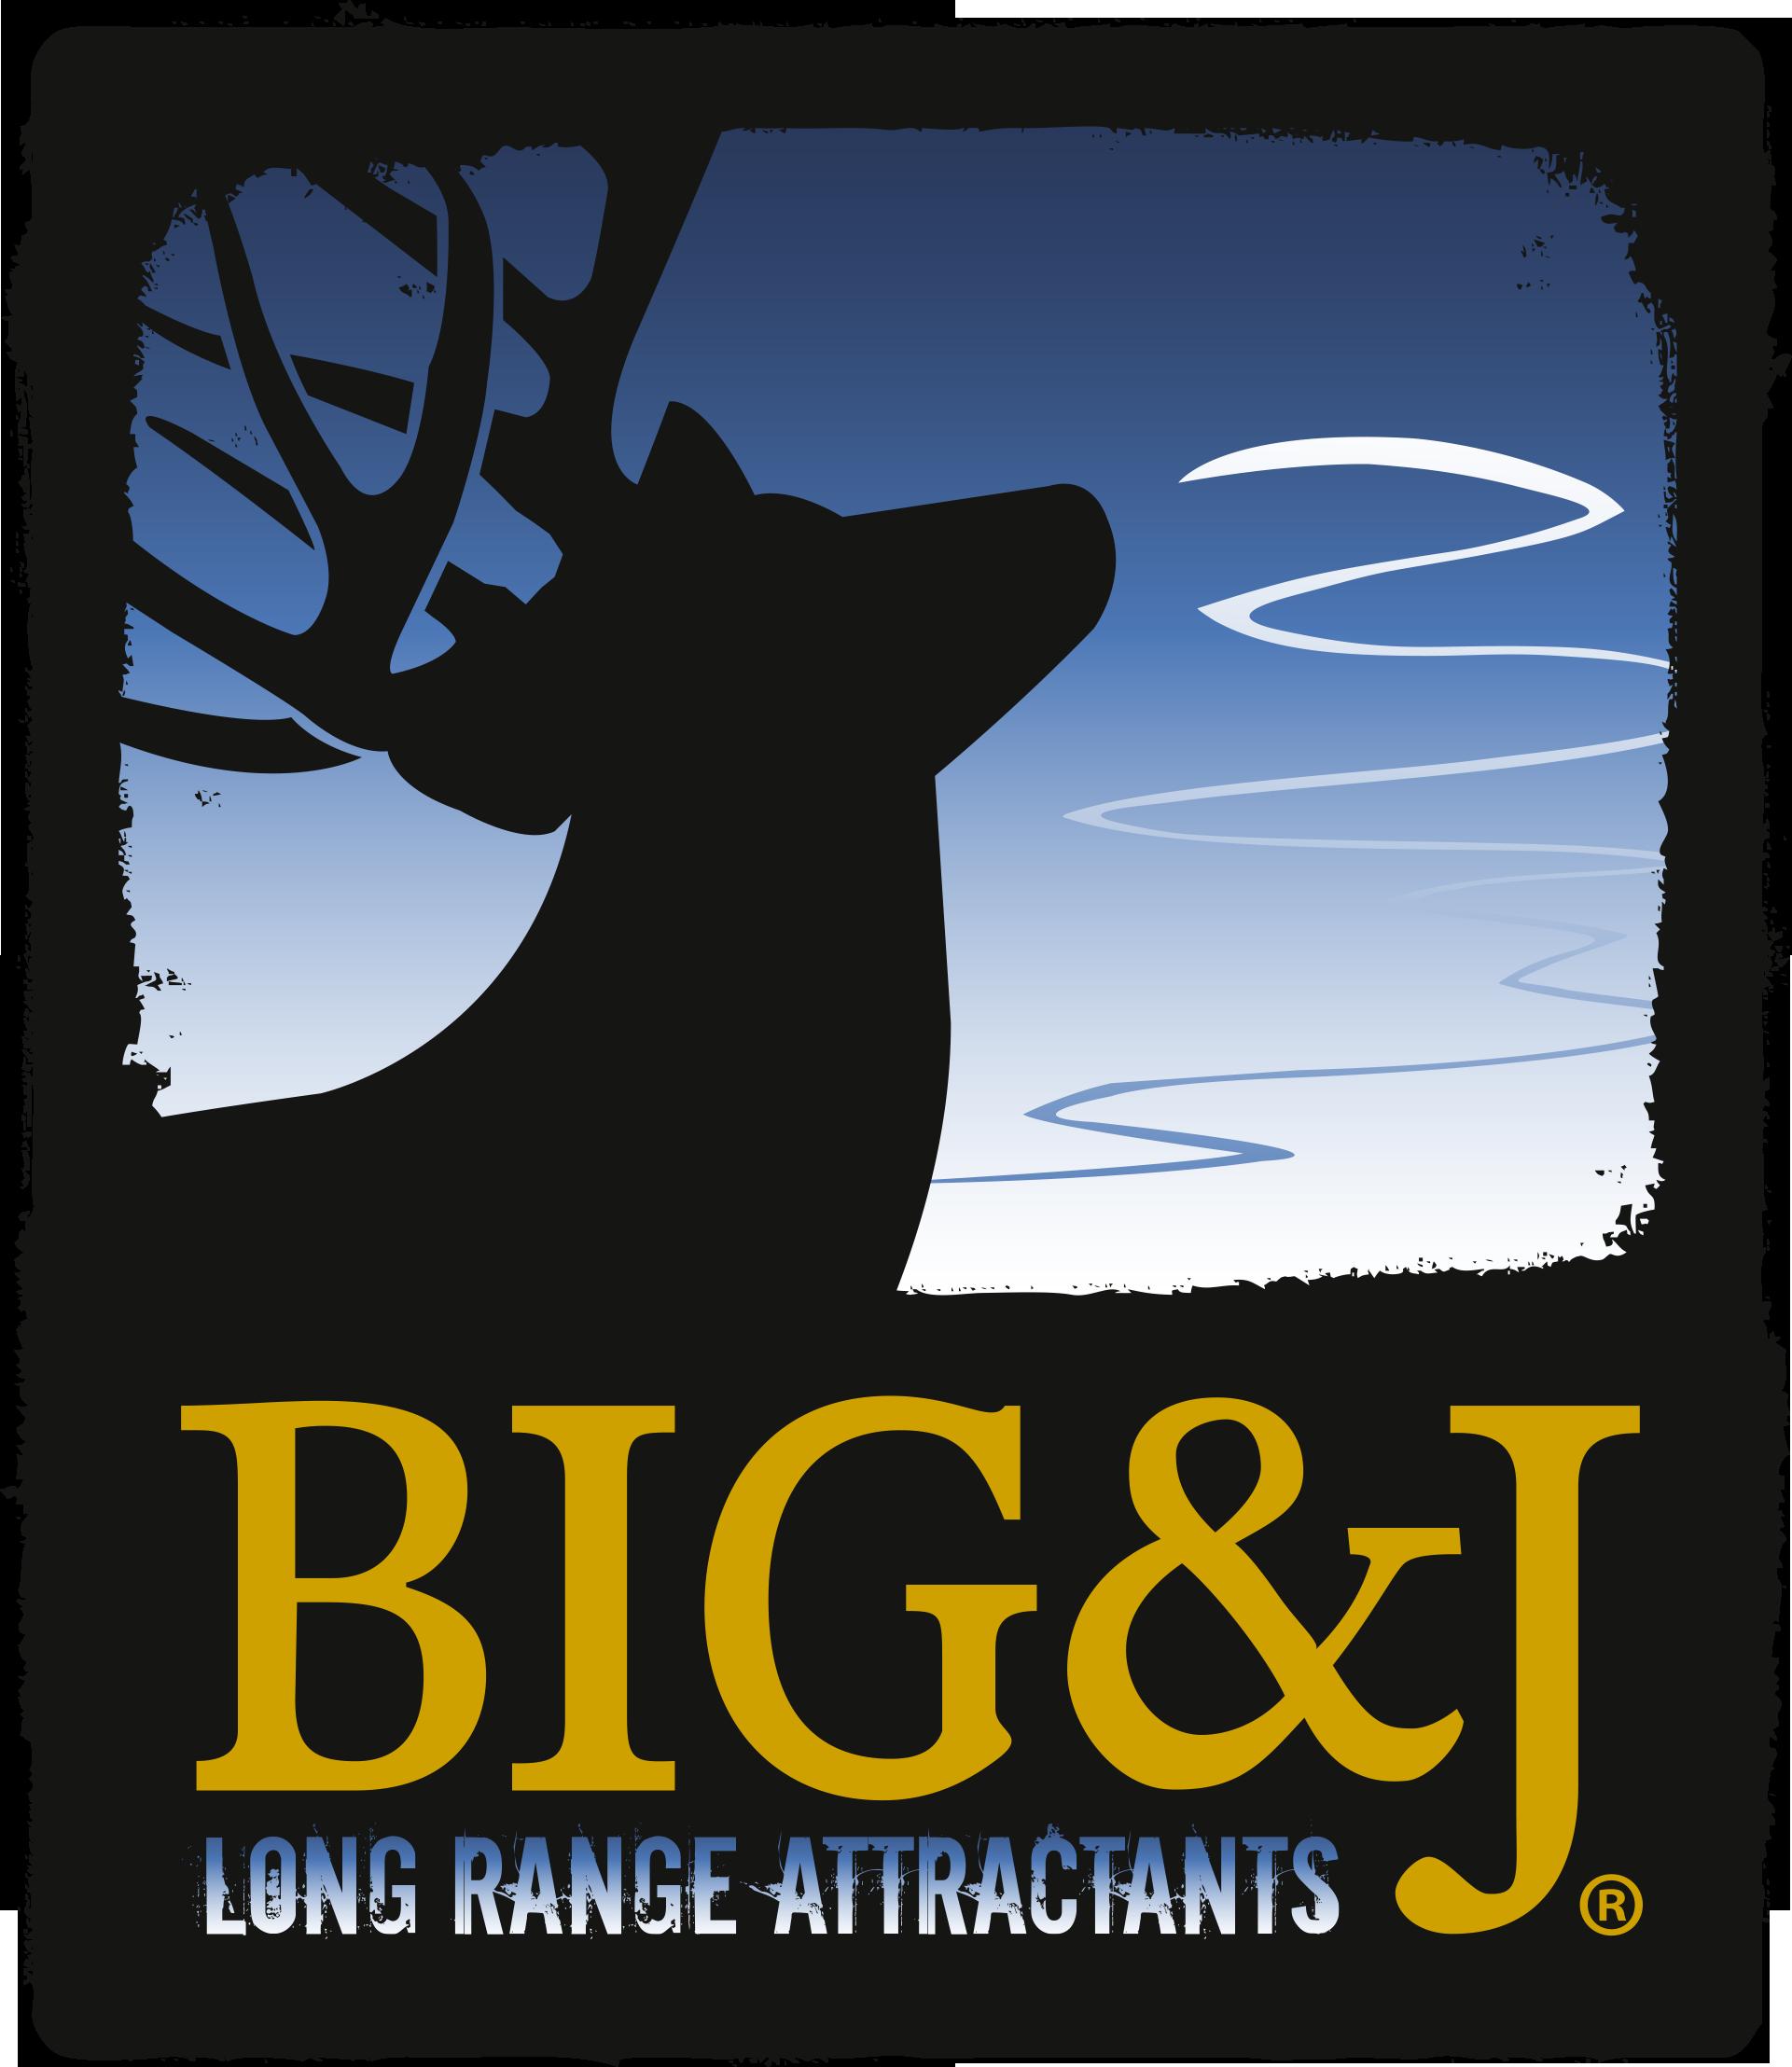 BIGnJ_LogoColor_R_Bdcast_RGB.png